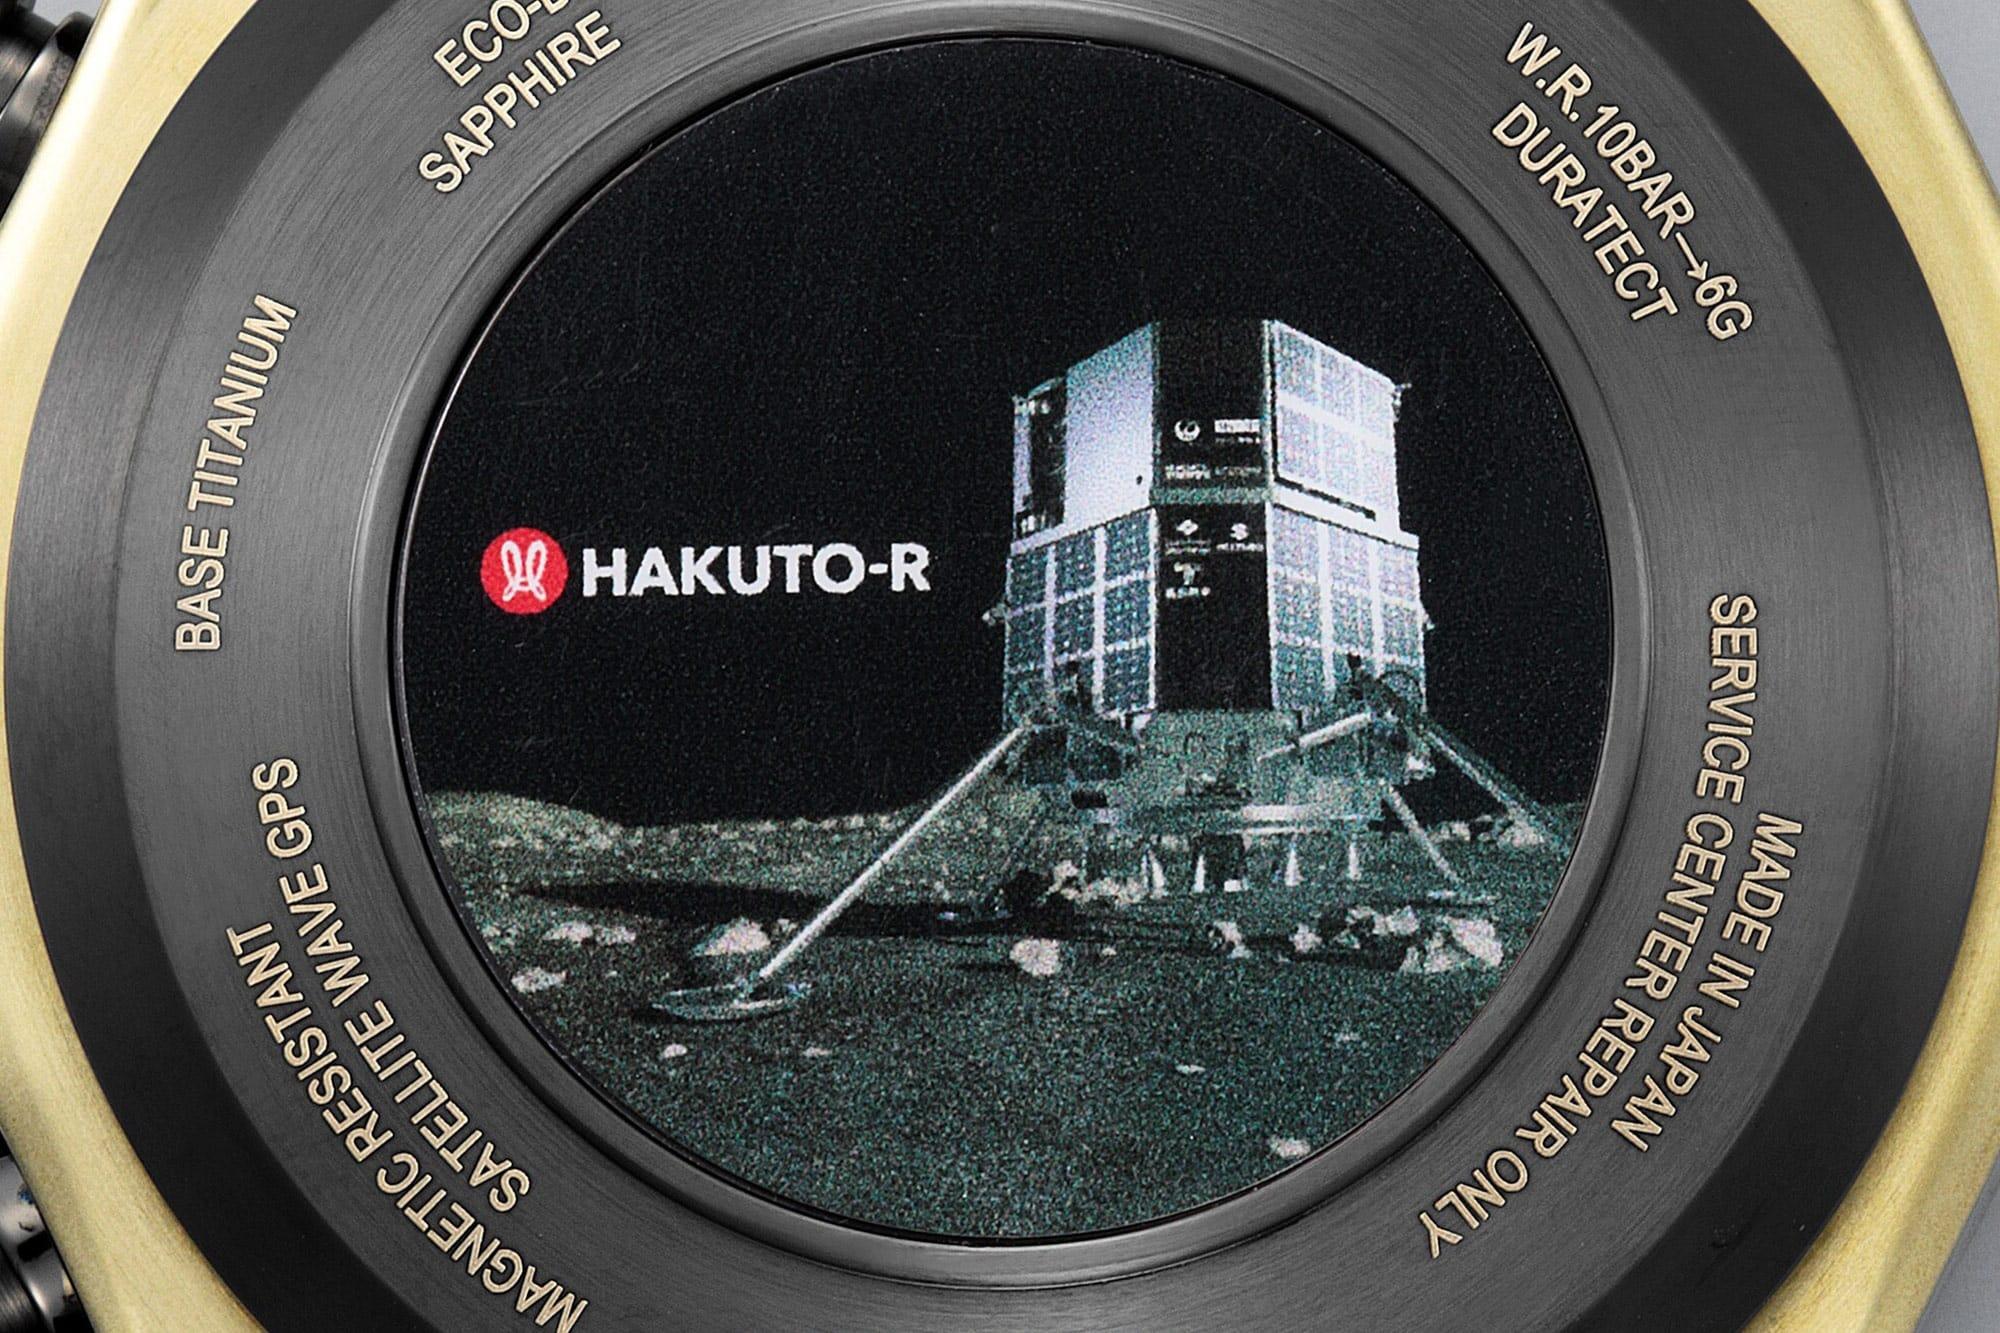 Citizen Hakuto R 3